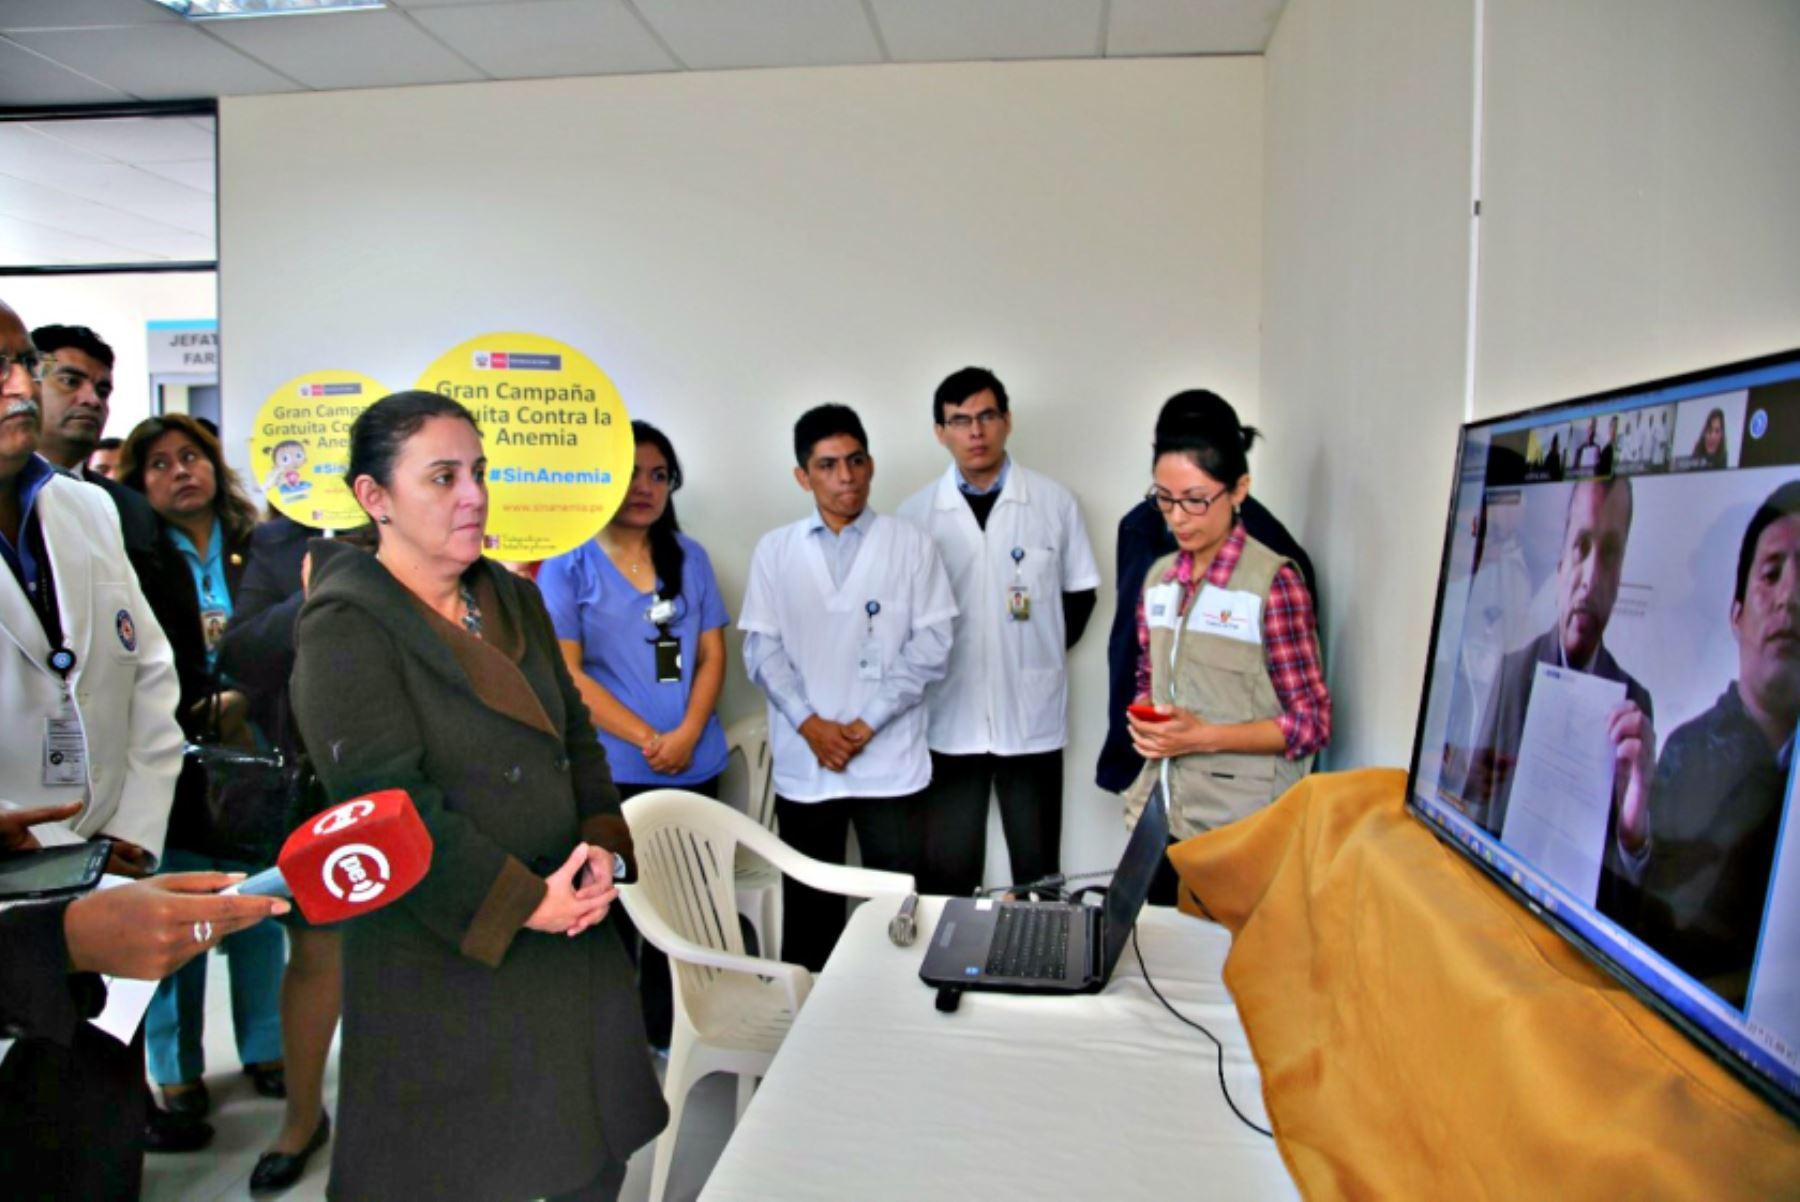 Ministra de Salud inauguró servicio de telemamografía en hospital de SJL. Foto: Difusión.